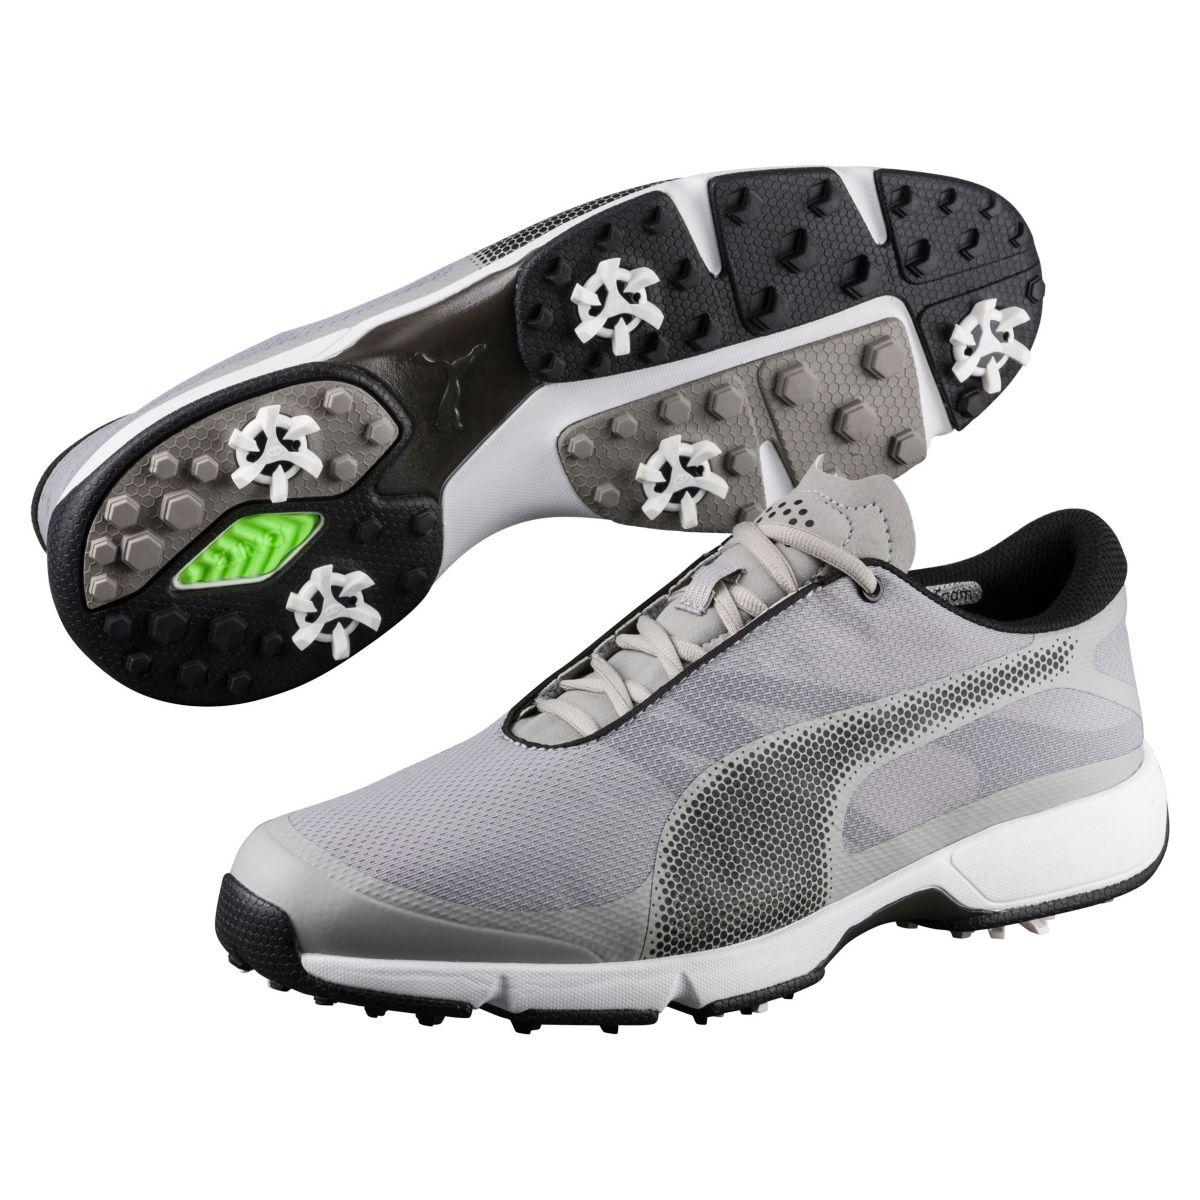 Puma Men's Ignite Drive Sport Golf Shoe - White/Black